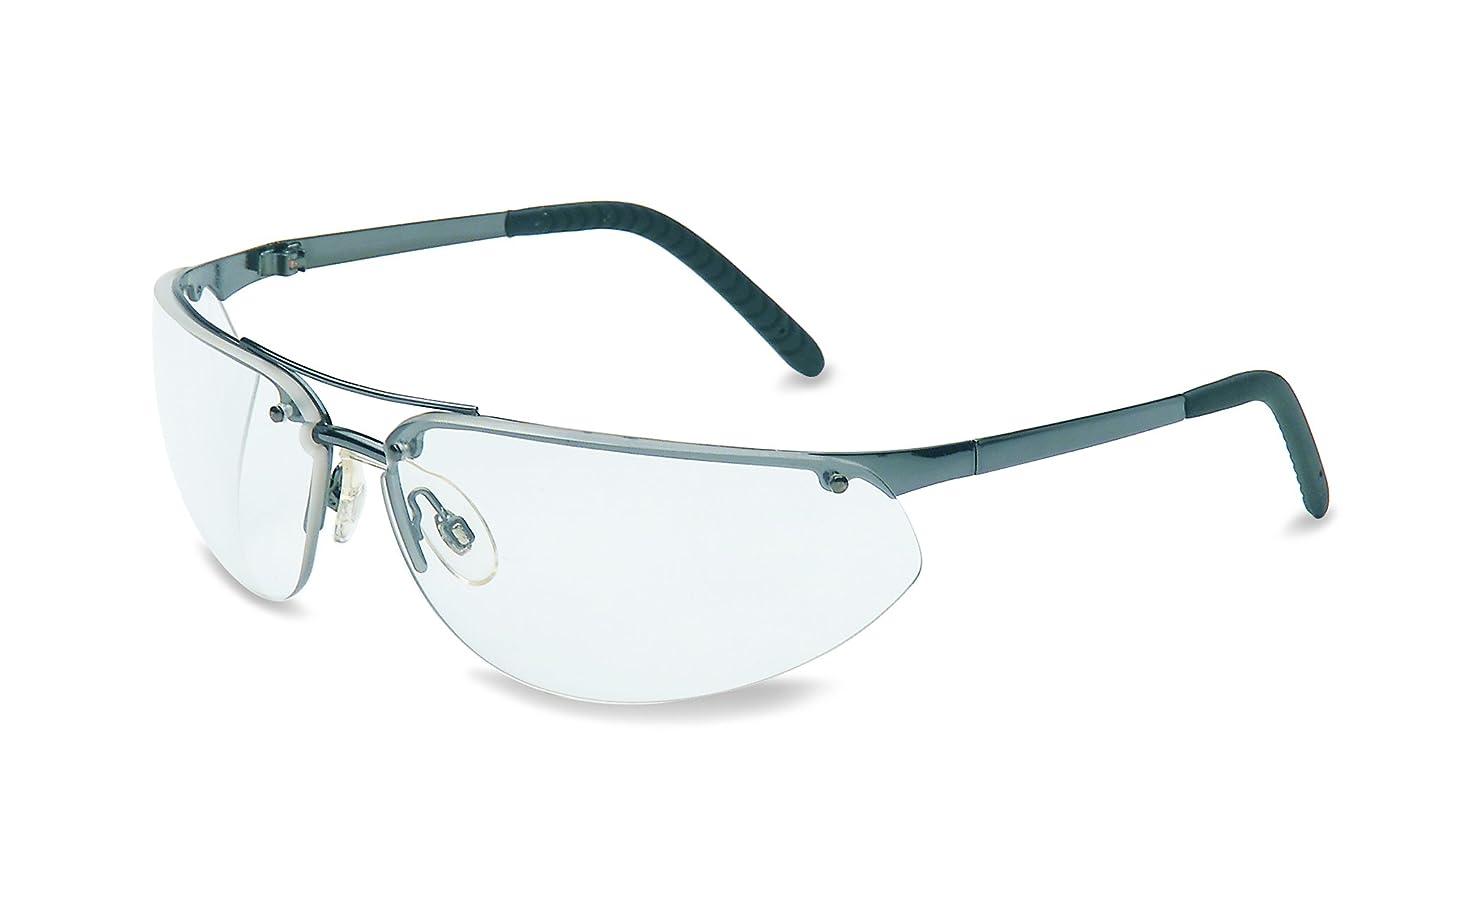 UVEX by Honeywell 11150805 Fuse Safety Eyewear Gunmetal Frame, Clear Lens with Fog-Ban Anti-Fog Coating